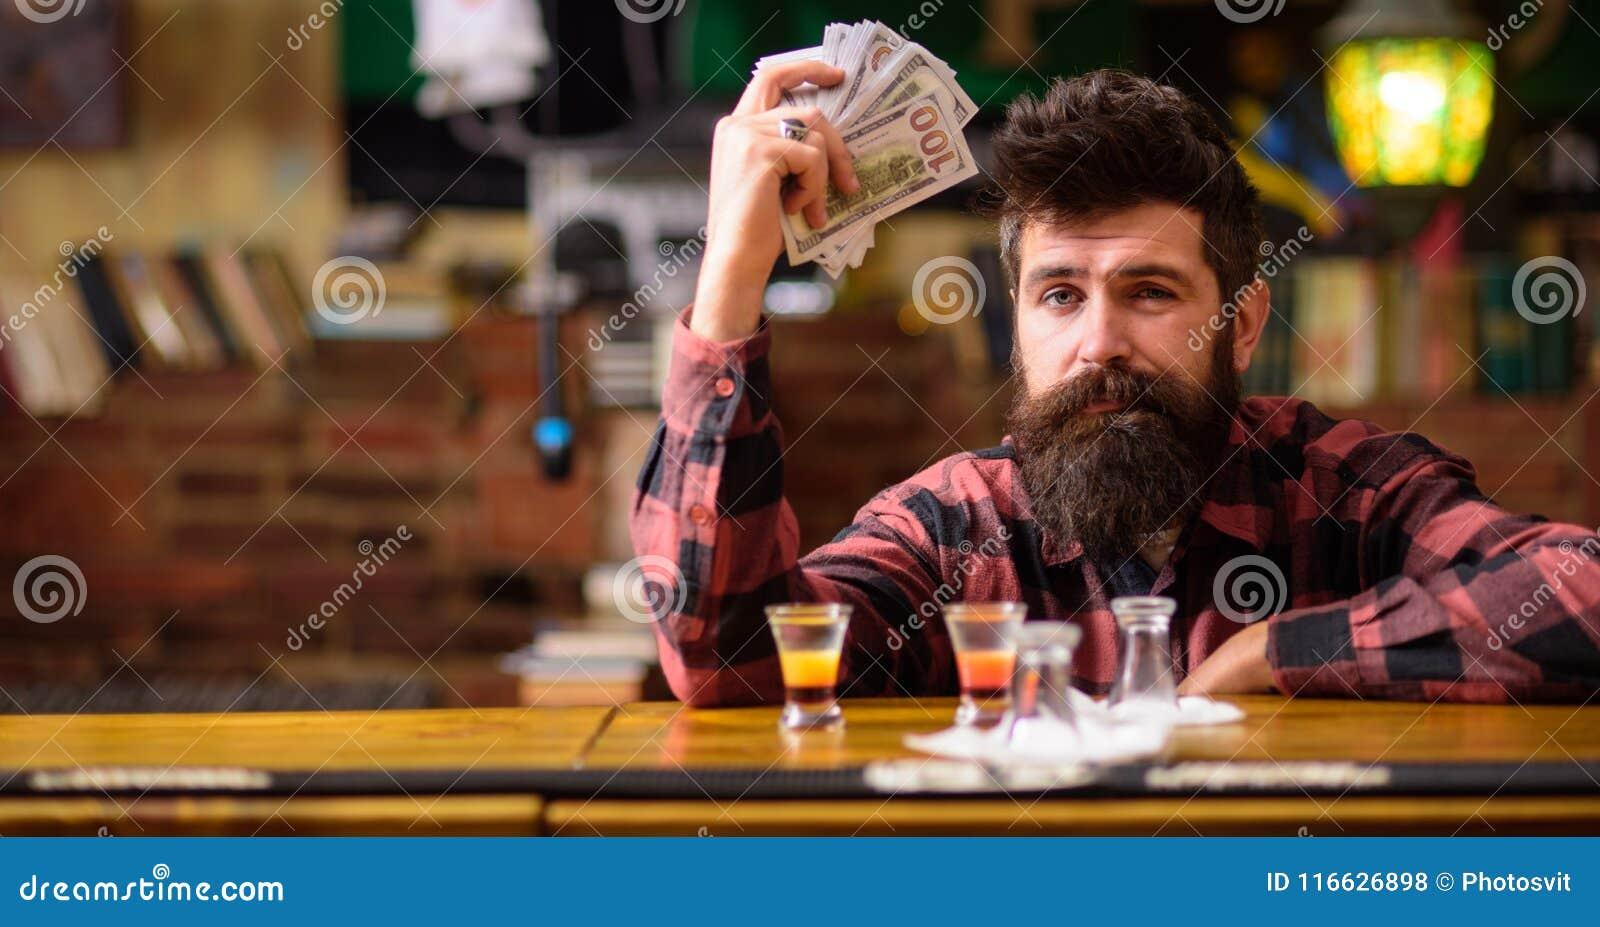 El inconformista sostiene el dinero, contando efectivo para comprar más alcohol